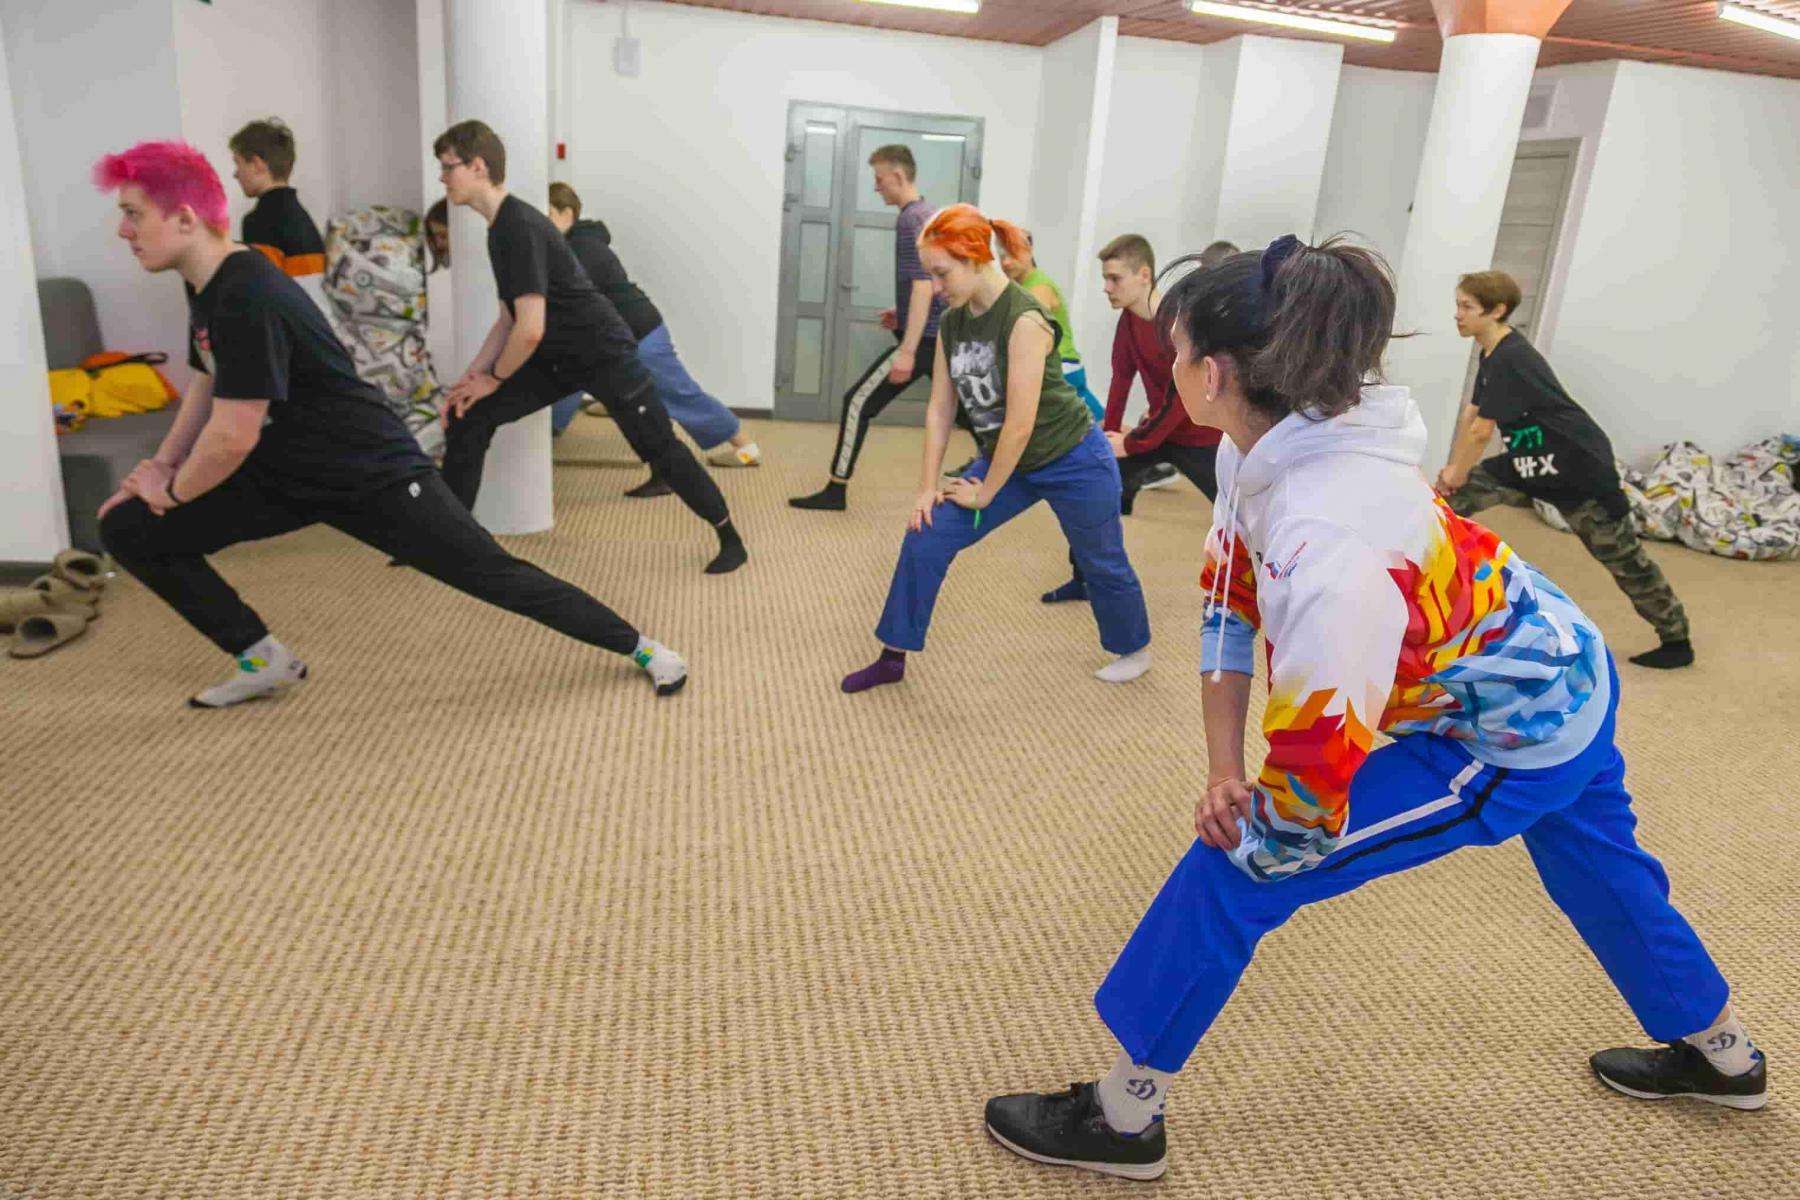 фото «Ростелеком» в Новосибирске организовал зарядку с победителем Олимпийских игр 2